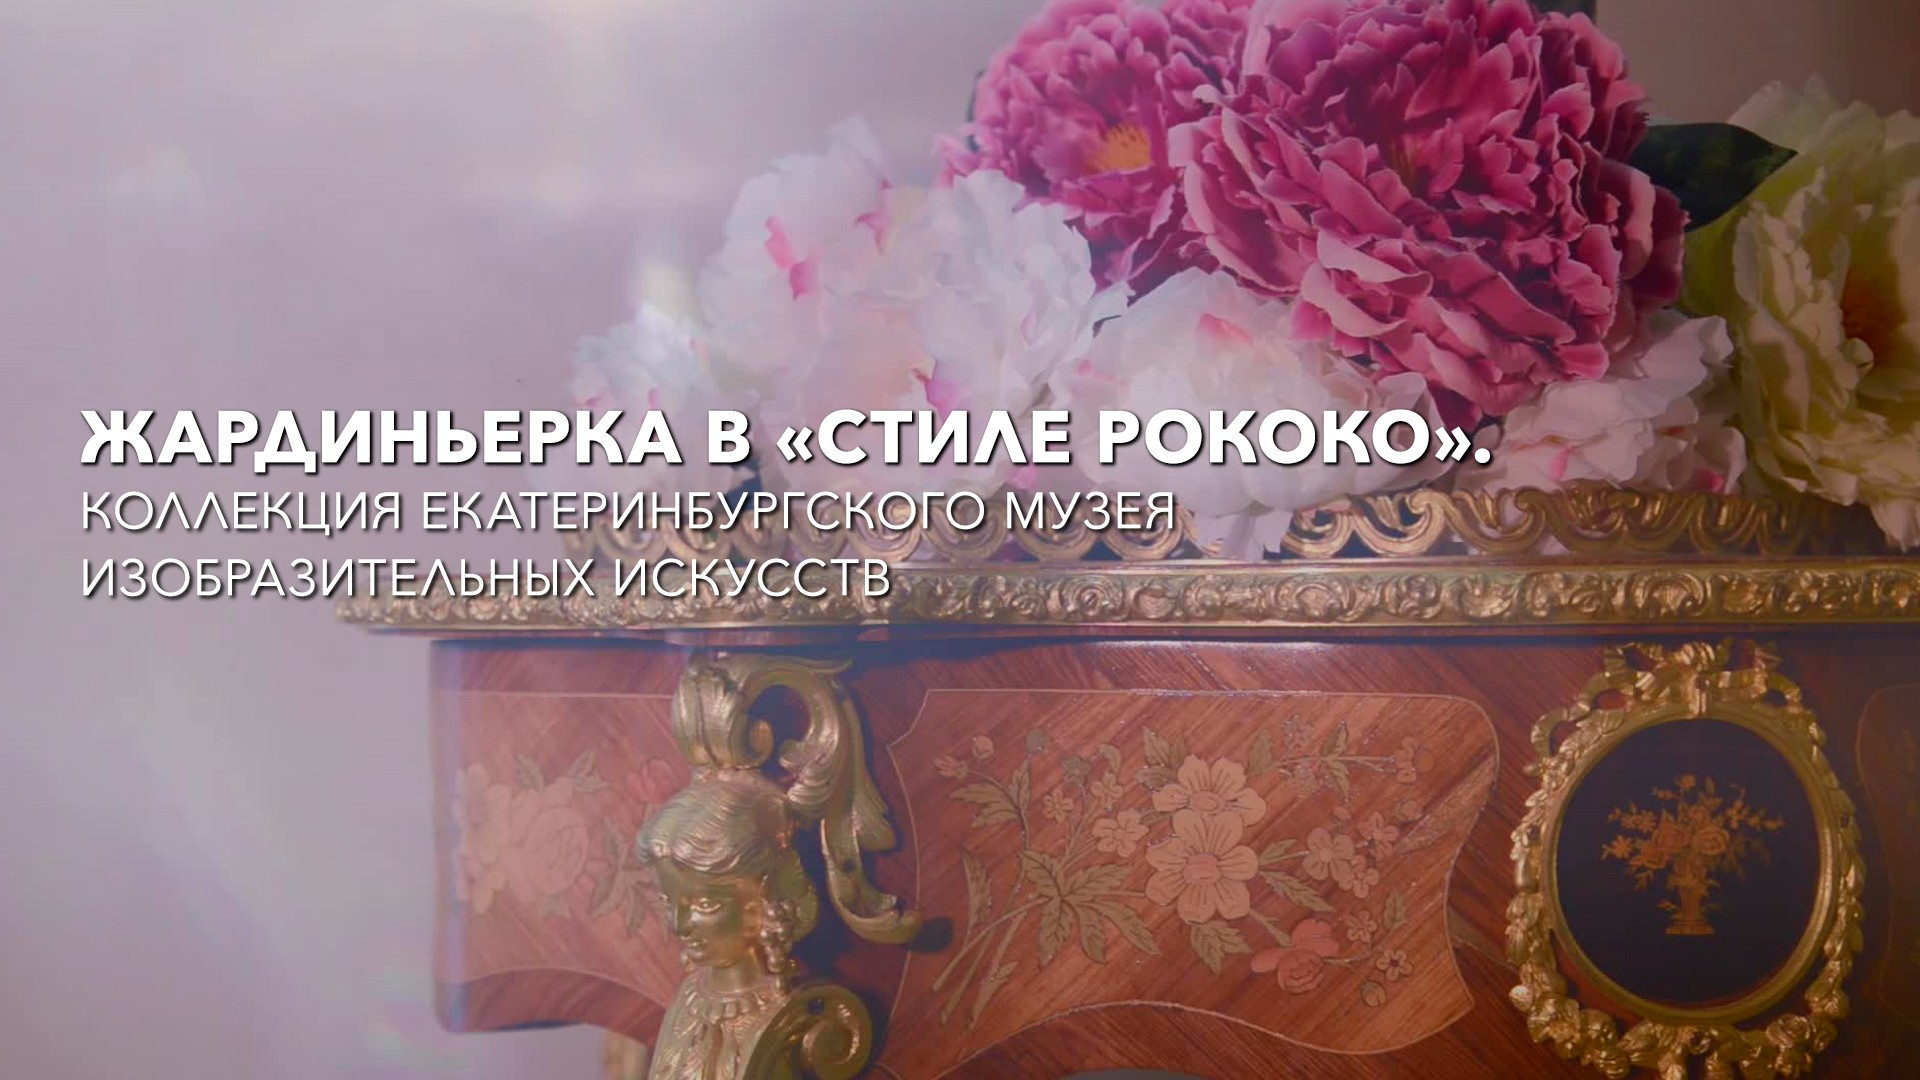 Жардиньерка в «стиле рококо». Коллекция Екатеринбургского музея изобразительных искусств